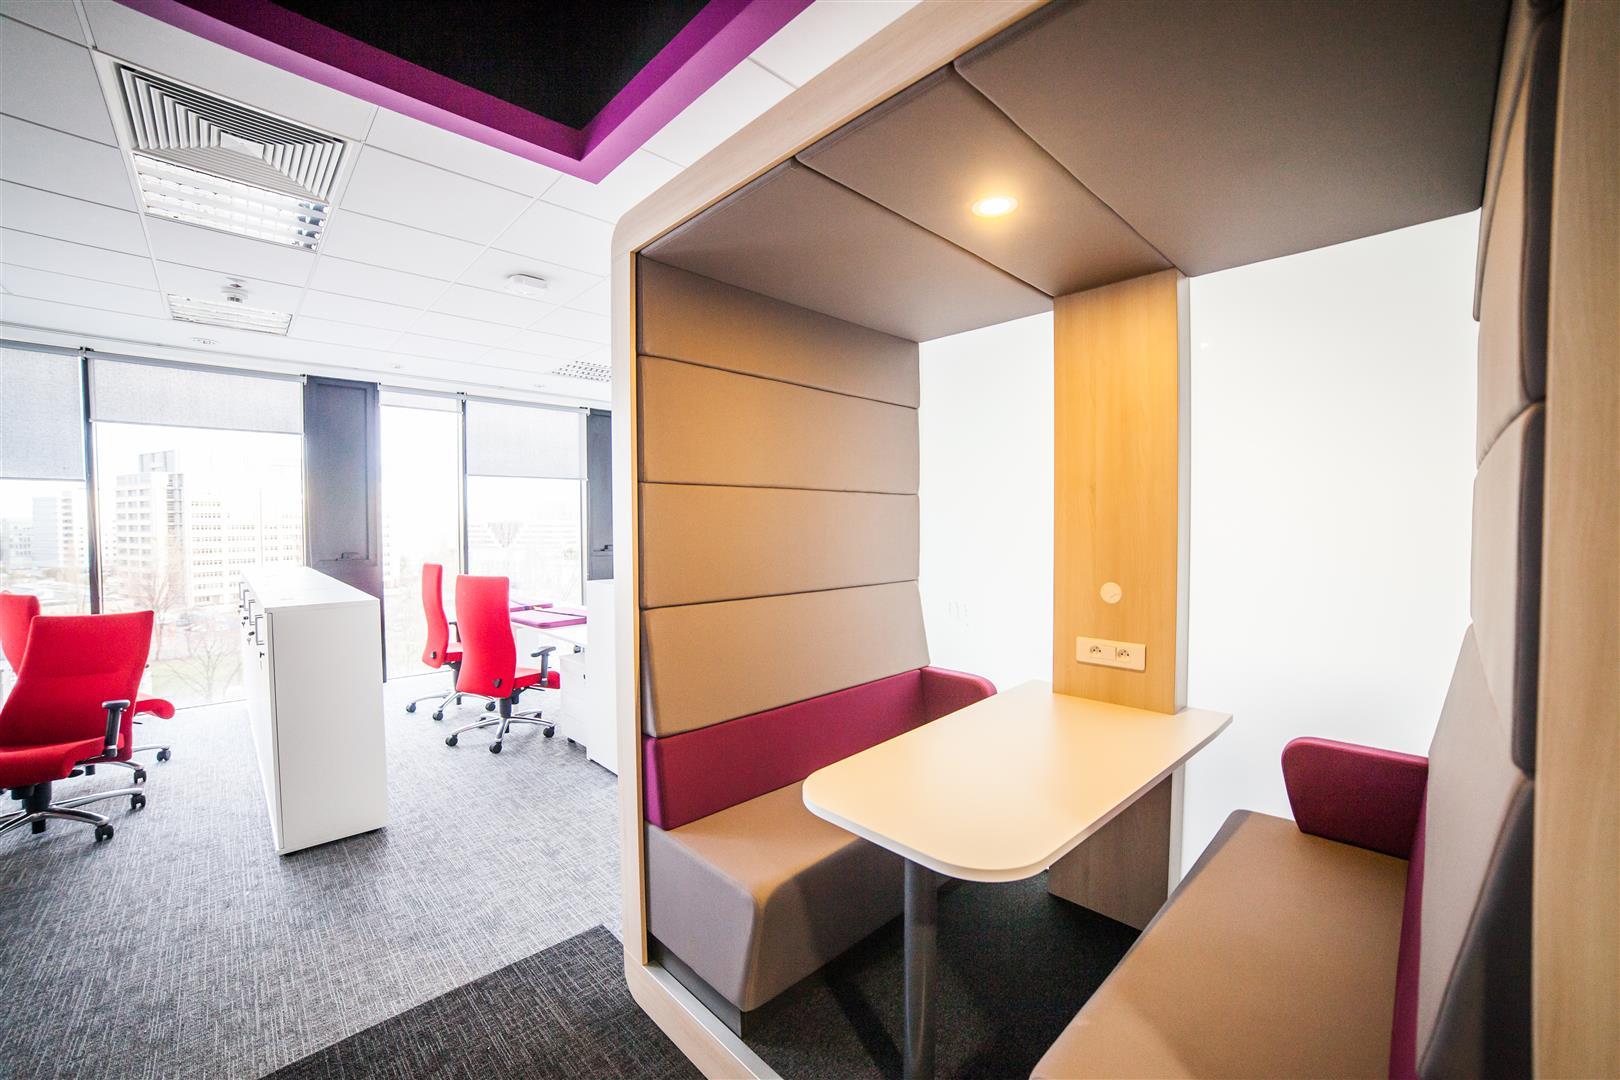 W firmie AstraZeneca wykorzystano m.in. system Chillout, czyli zestaw kanap i foteli o wysokich ściankach, które, dzięki izolacji akustycznej i optycznej. (Fot. Mikomax)